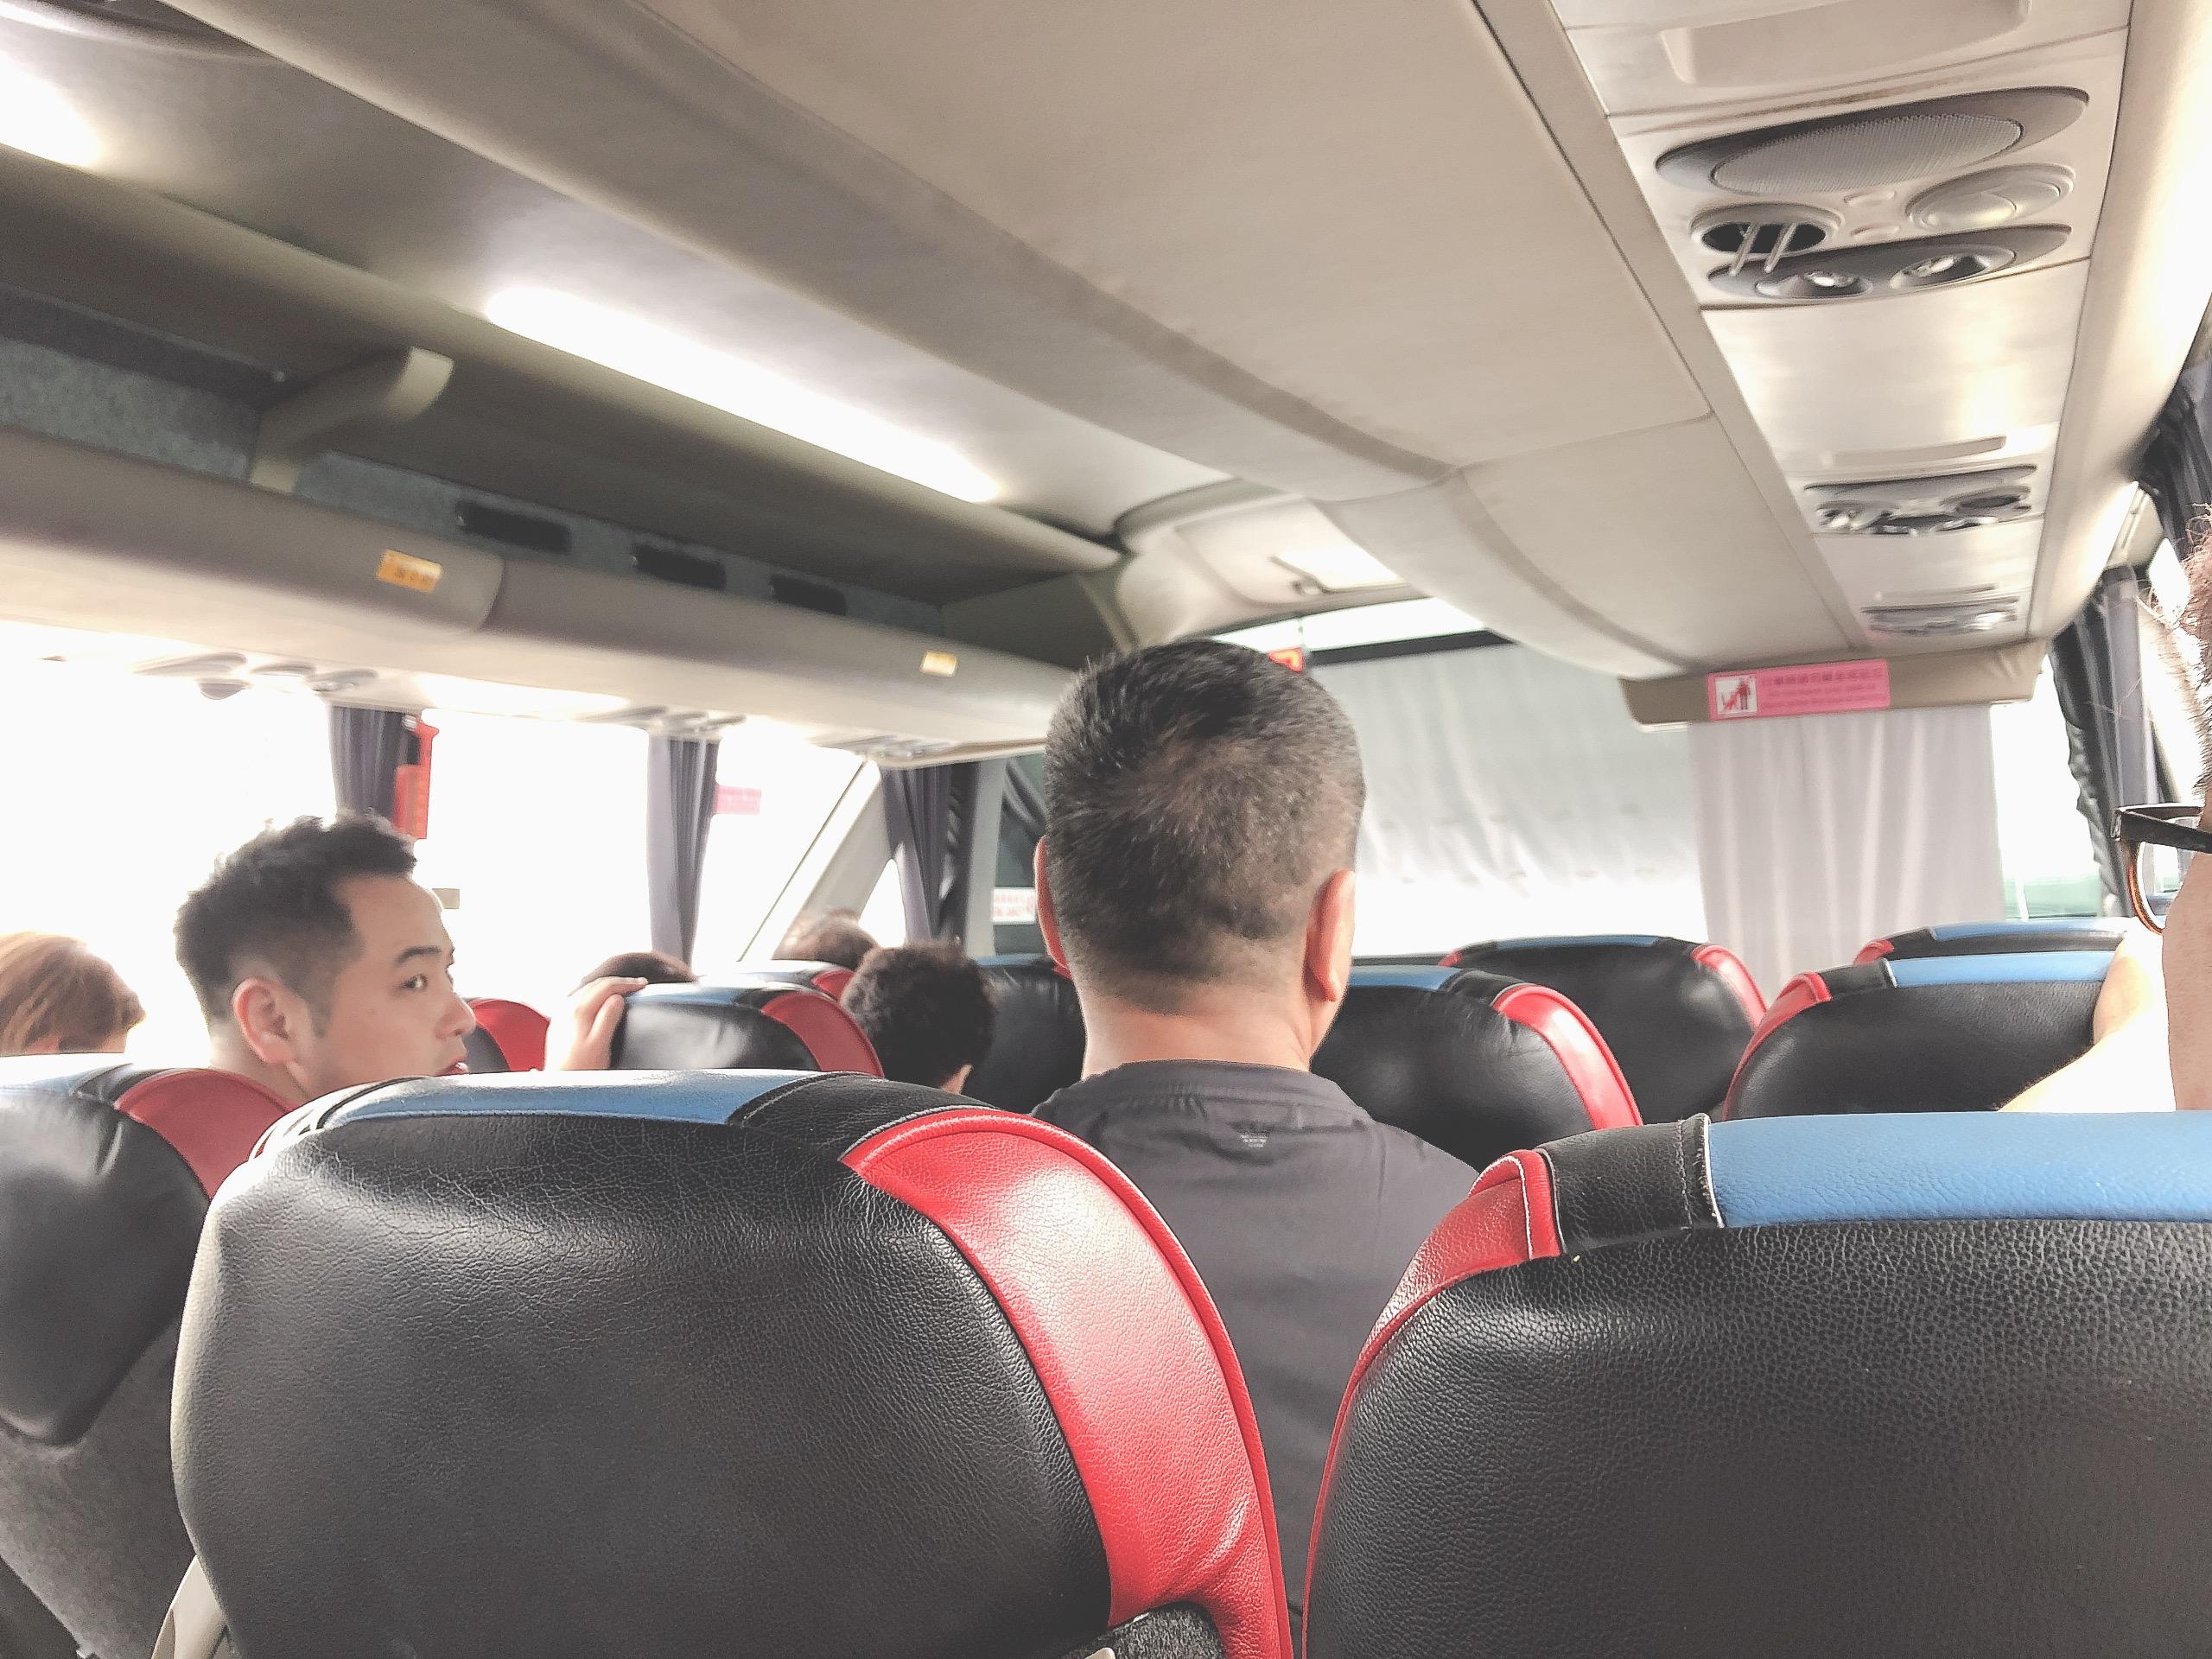 港珠澳大橋を渡るシャトルバス内